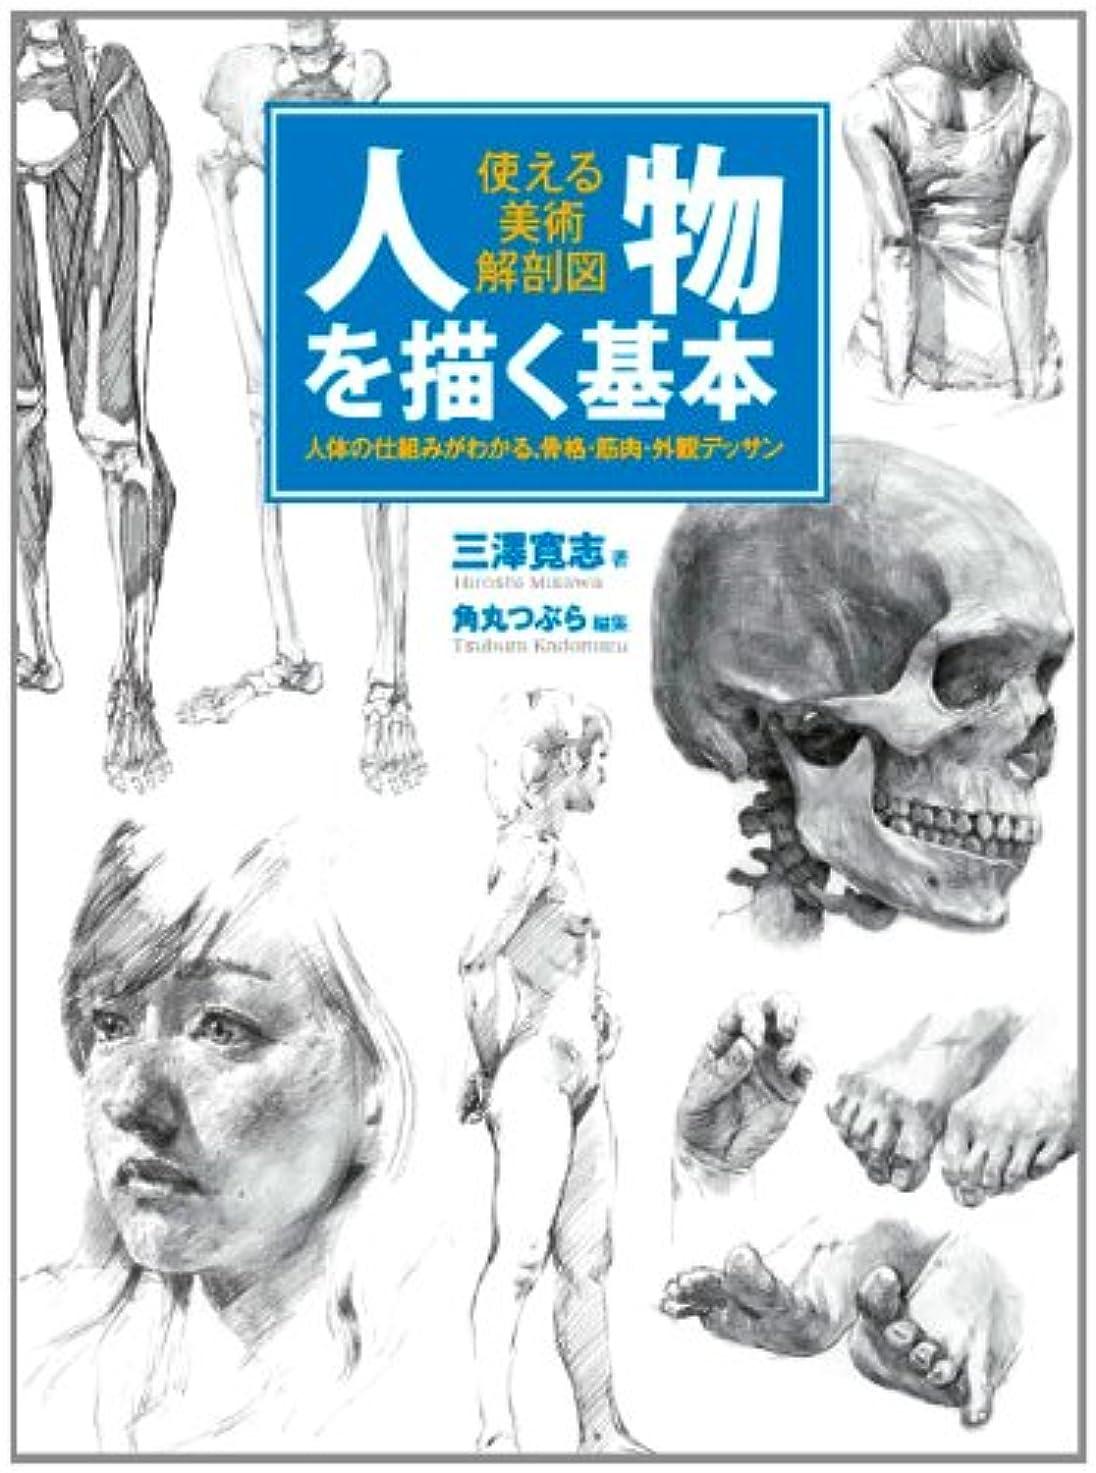 原子キリストピッチャー人物を描く基本 使える美術解剖図